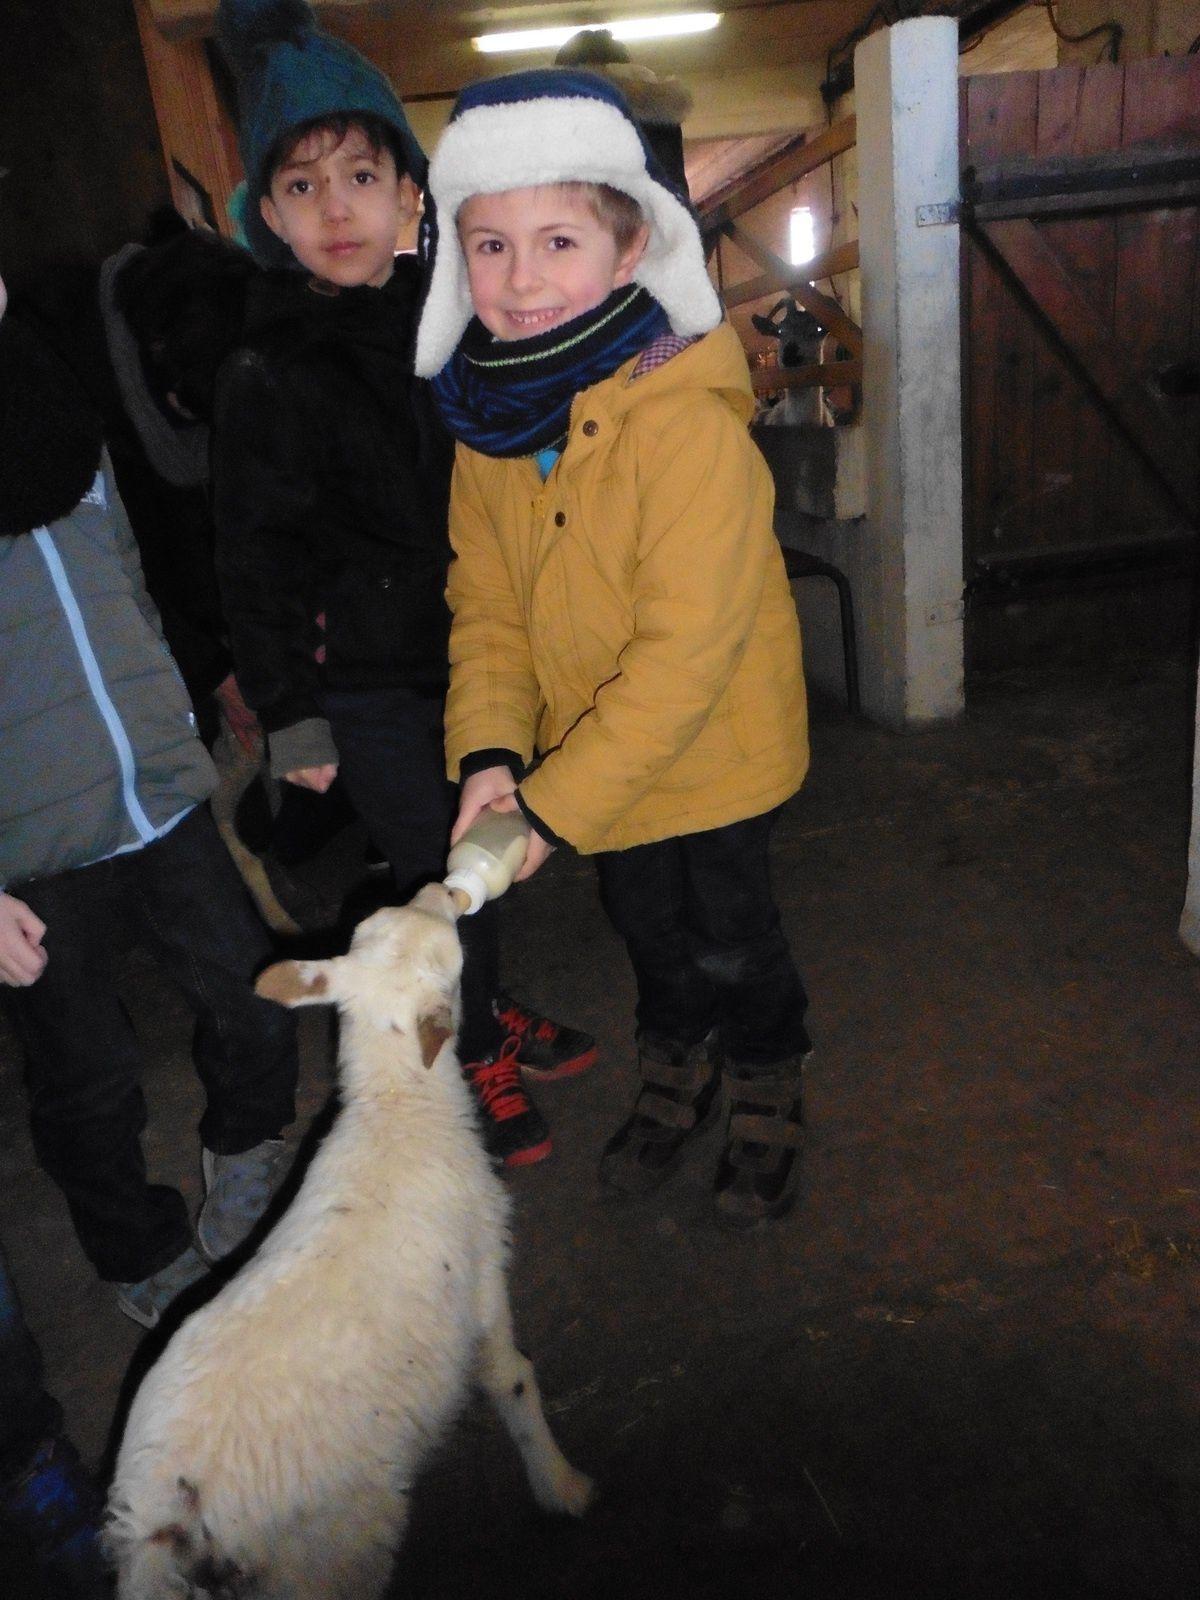 C'est l'heure du biberon pour le petit agneau!